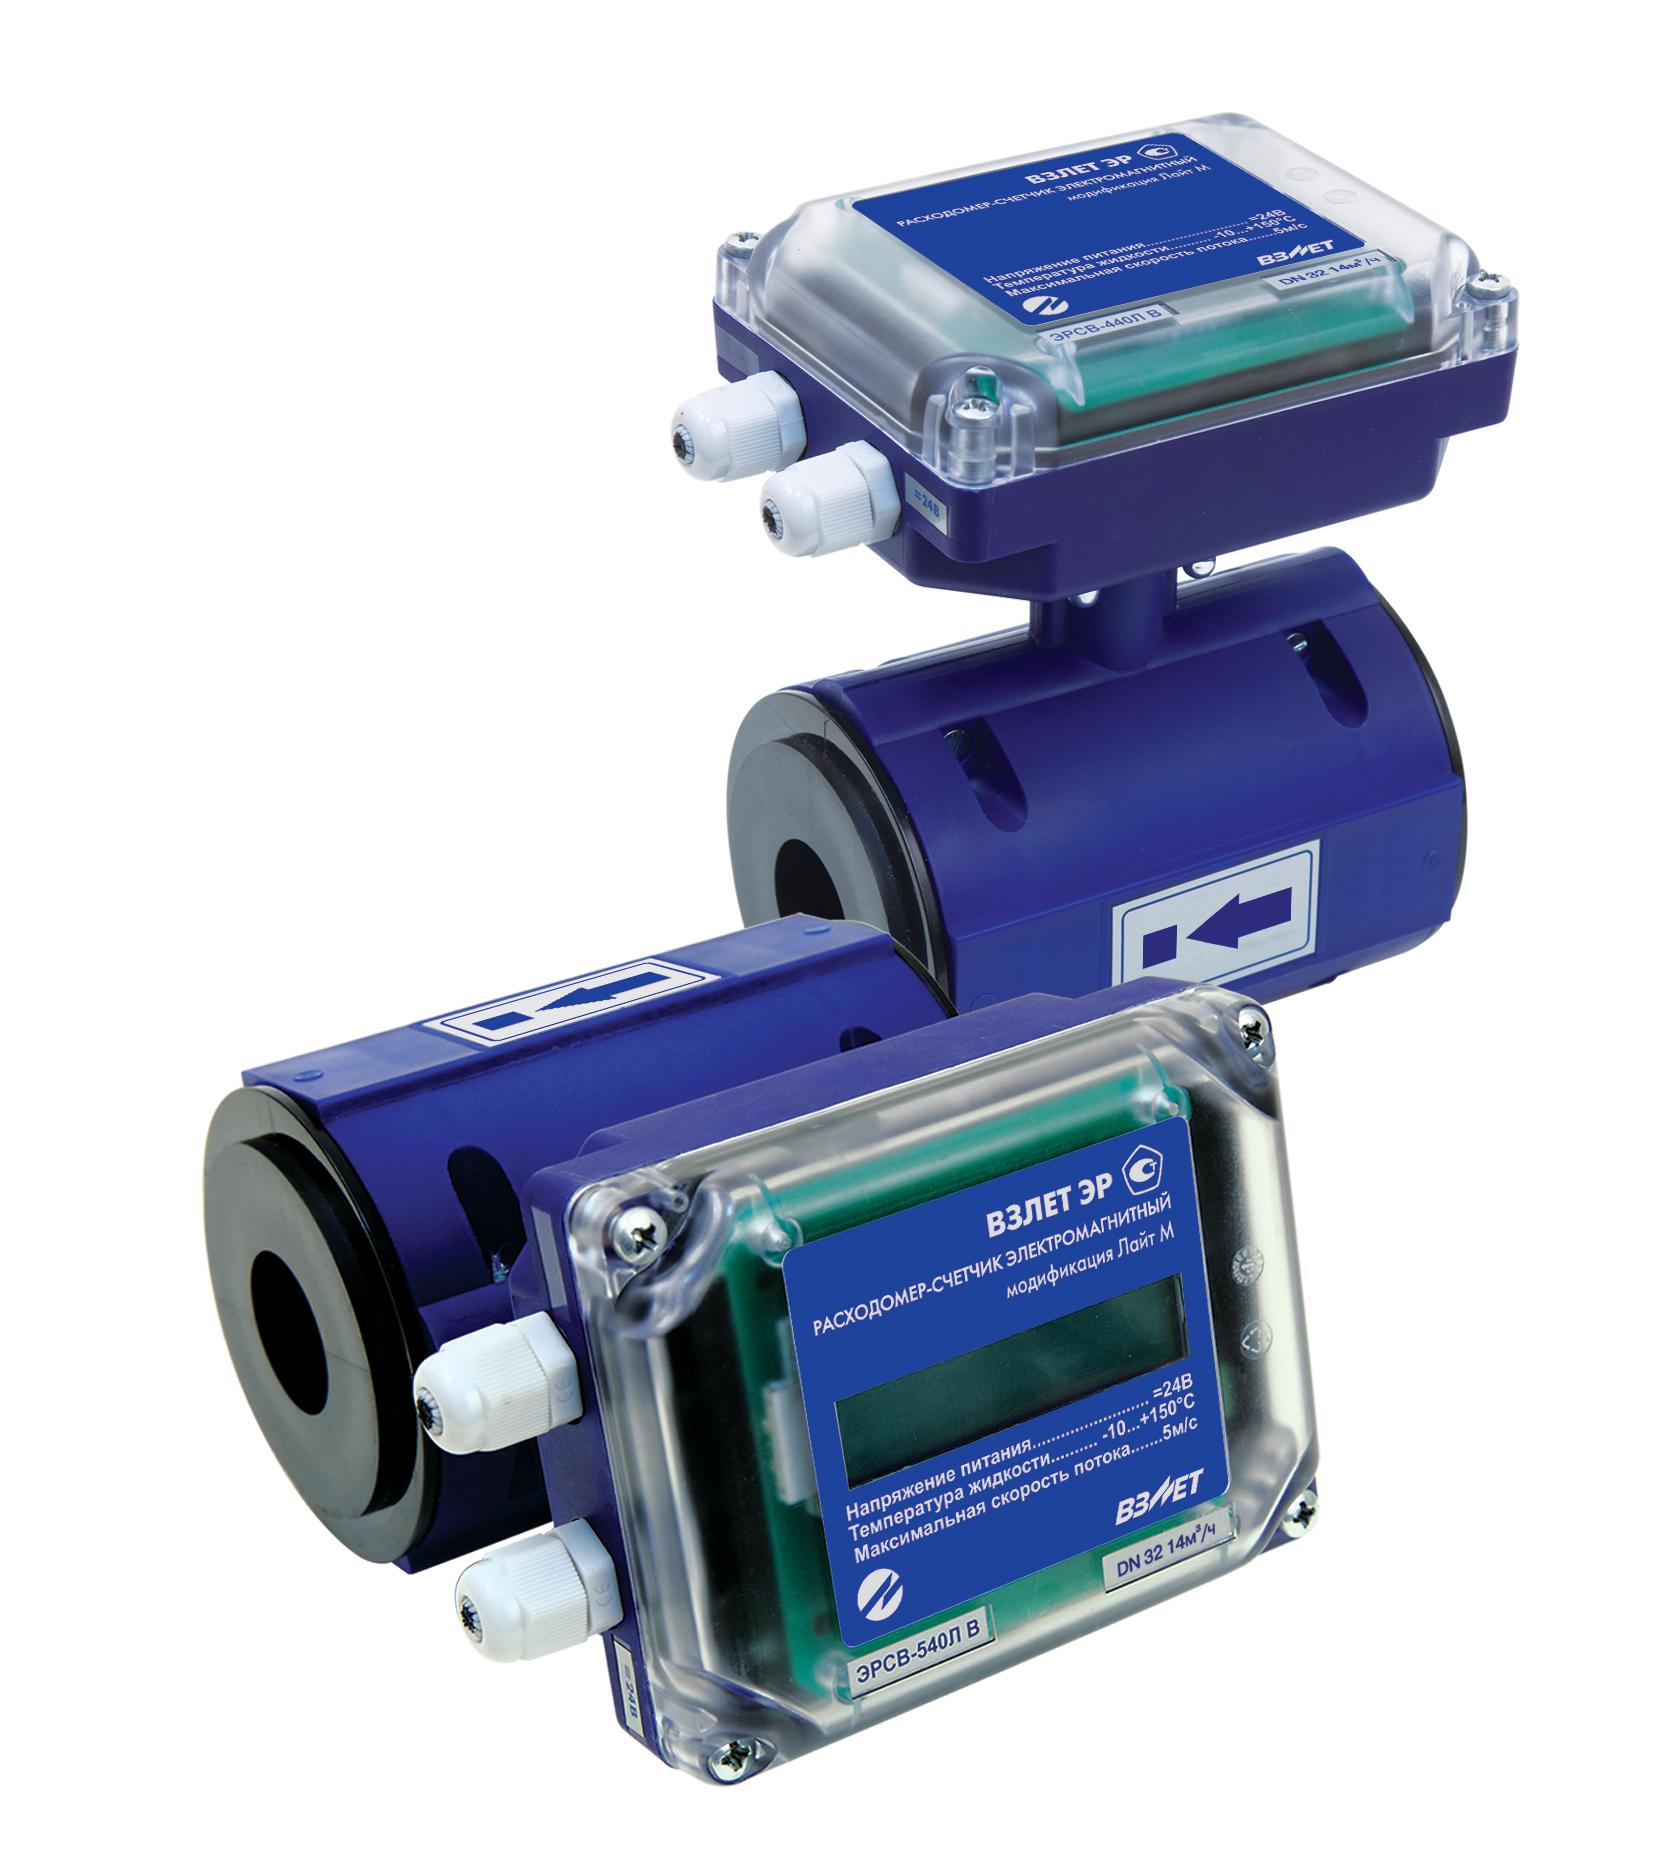 Расходомер-счетчик электромагнитный Взлет ЭР модицикация ЛайтМ испорлнения ЭРСВ-440Л В Ду150мм